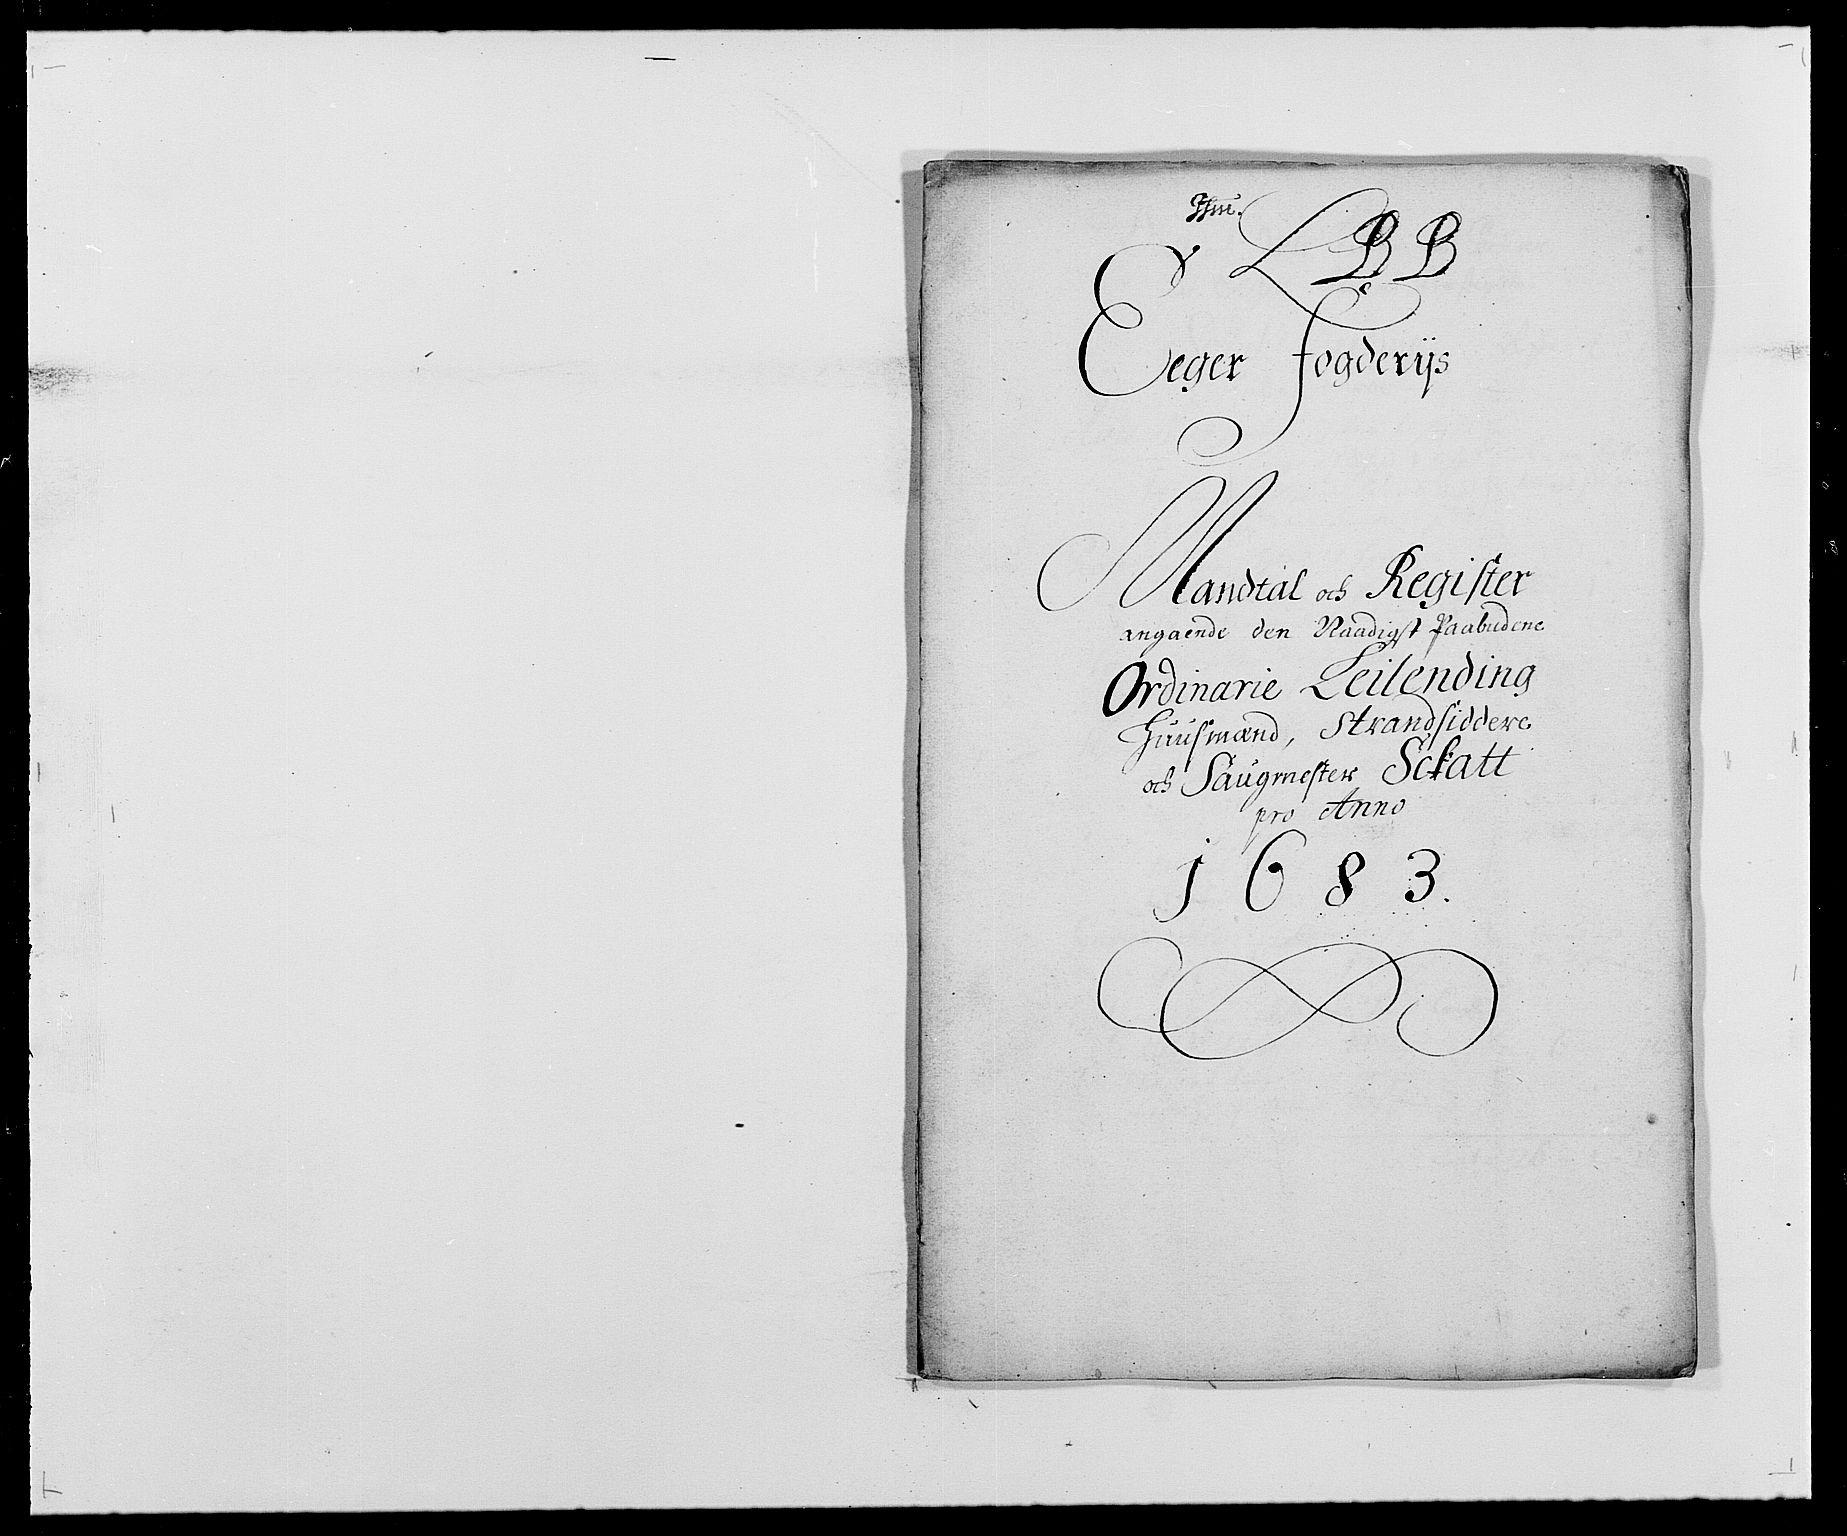 RA, Rentekammeret inntil 1814, Reviderte regnskaper, Fogderegnskap, R26/L1684: Fogderegnskap Eiker, 1679-1686, s. 354